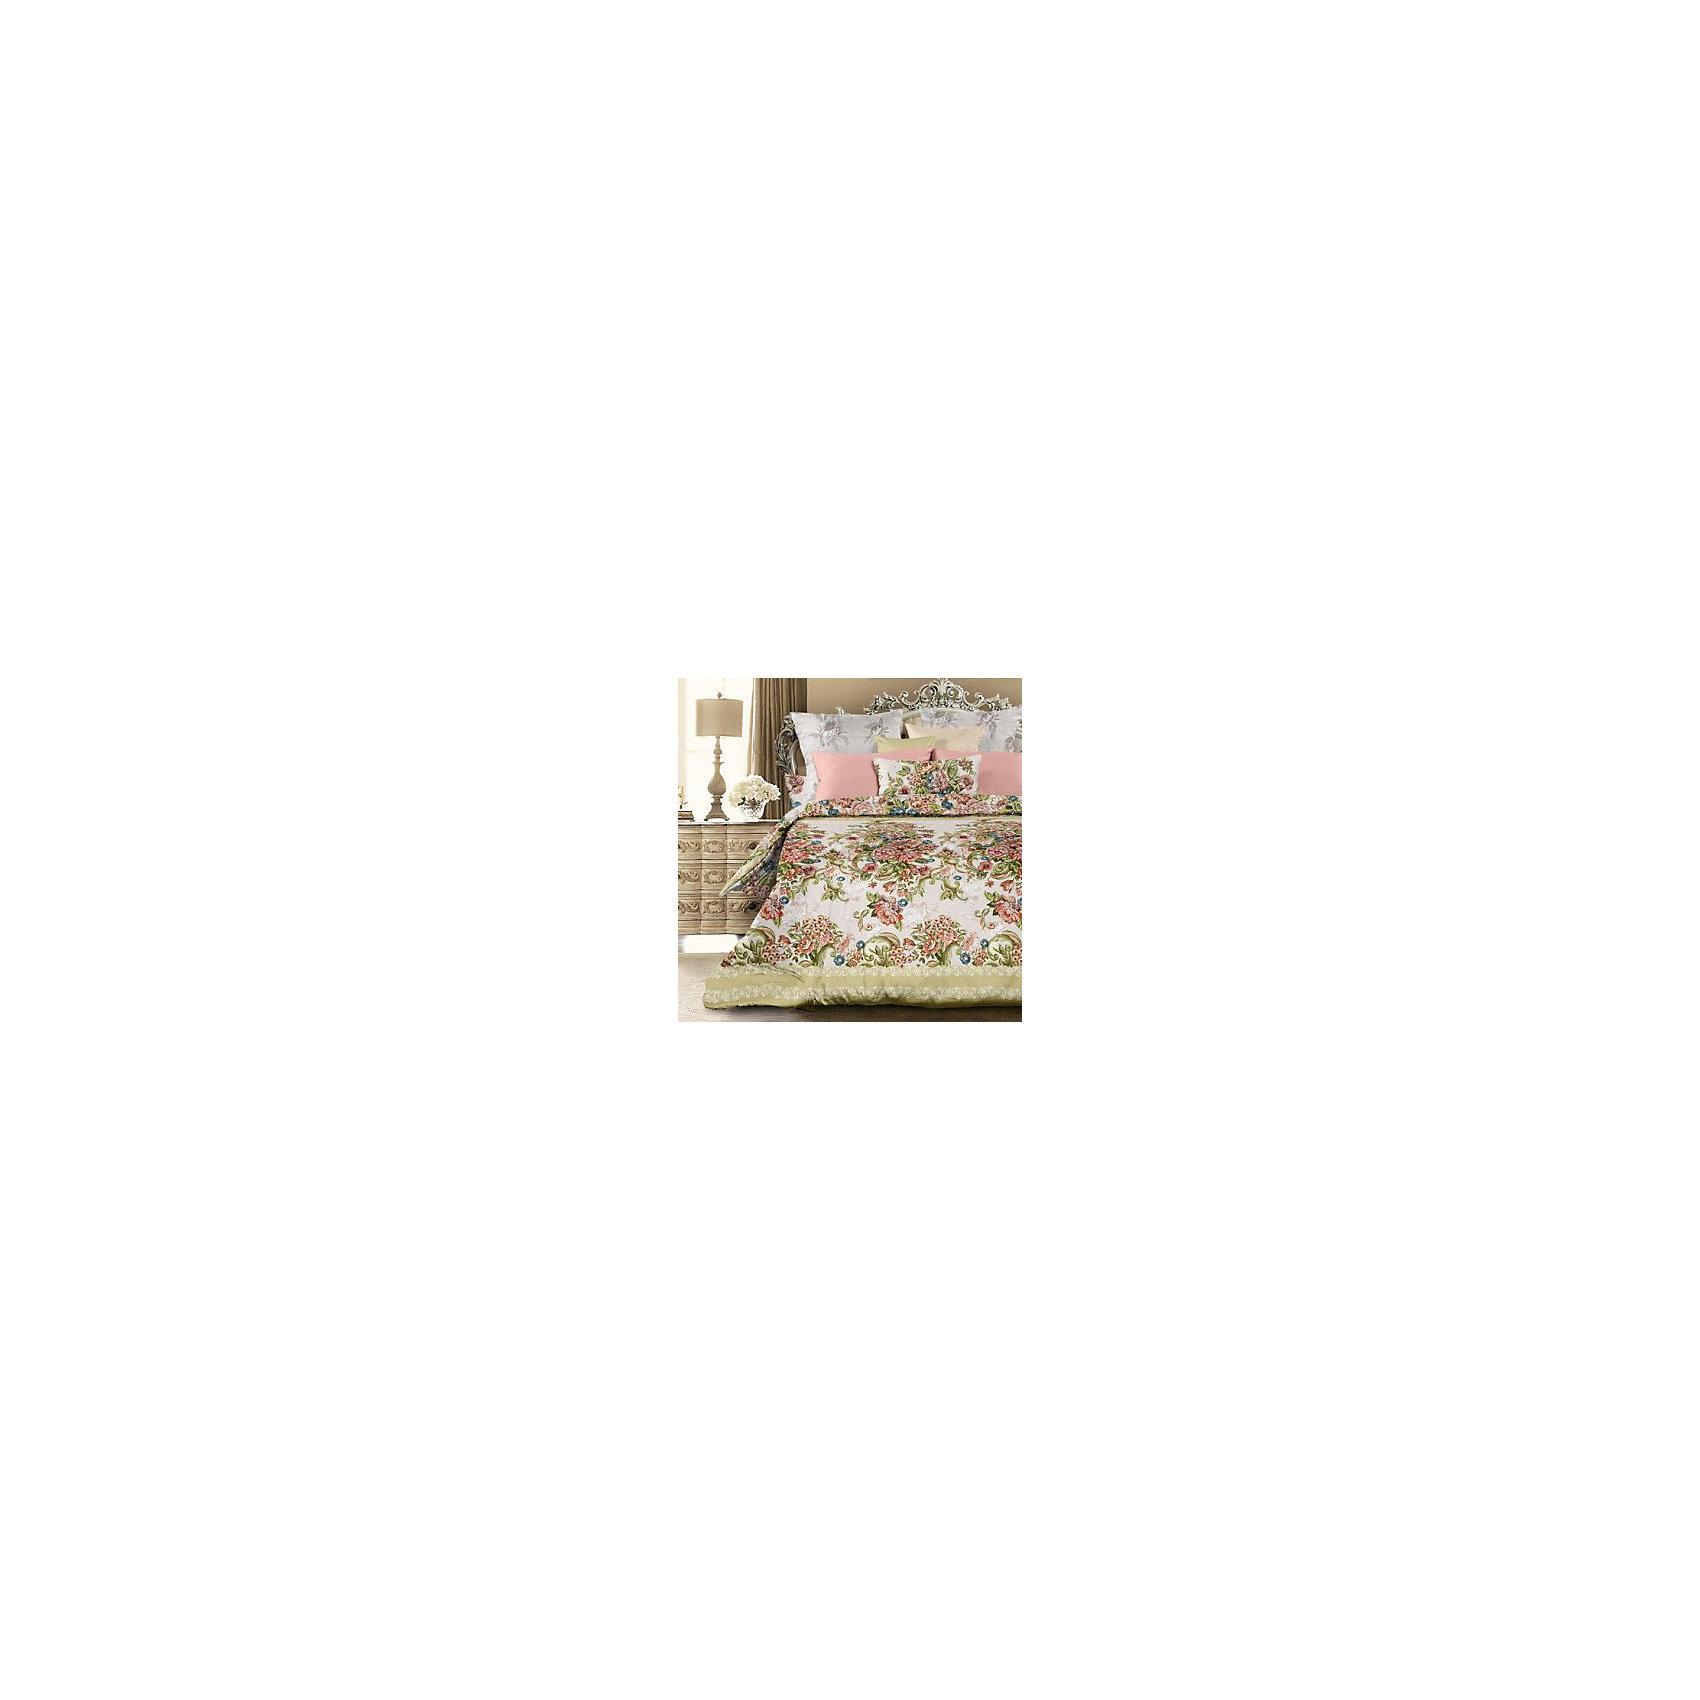 Унисон Постельное белье 1,5 сп. Императрица, Унисон биоматин императрица